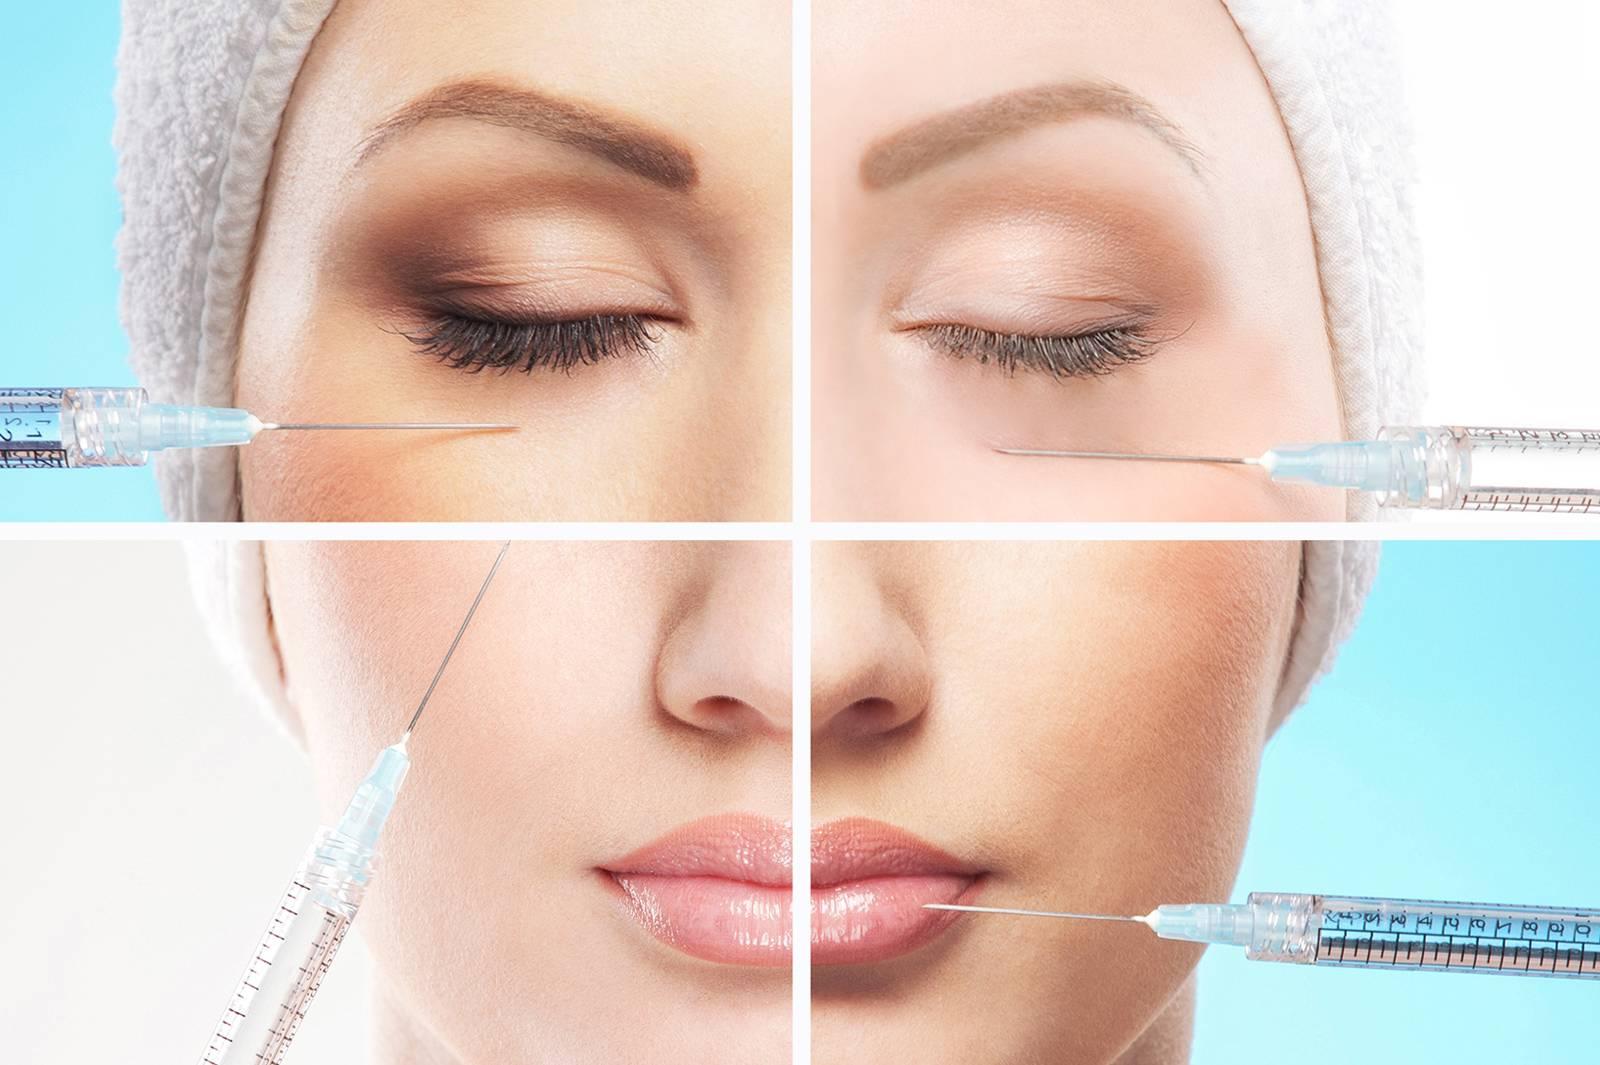 Филлеры glytone: новый препарат для коррекции морщин и увеличения губ